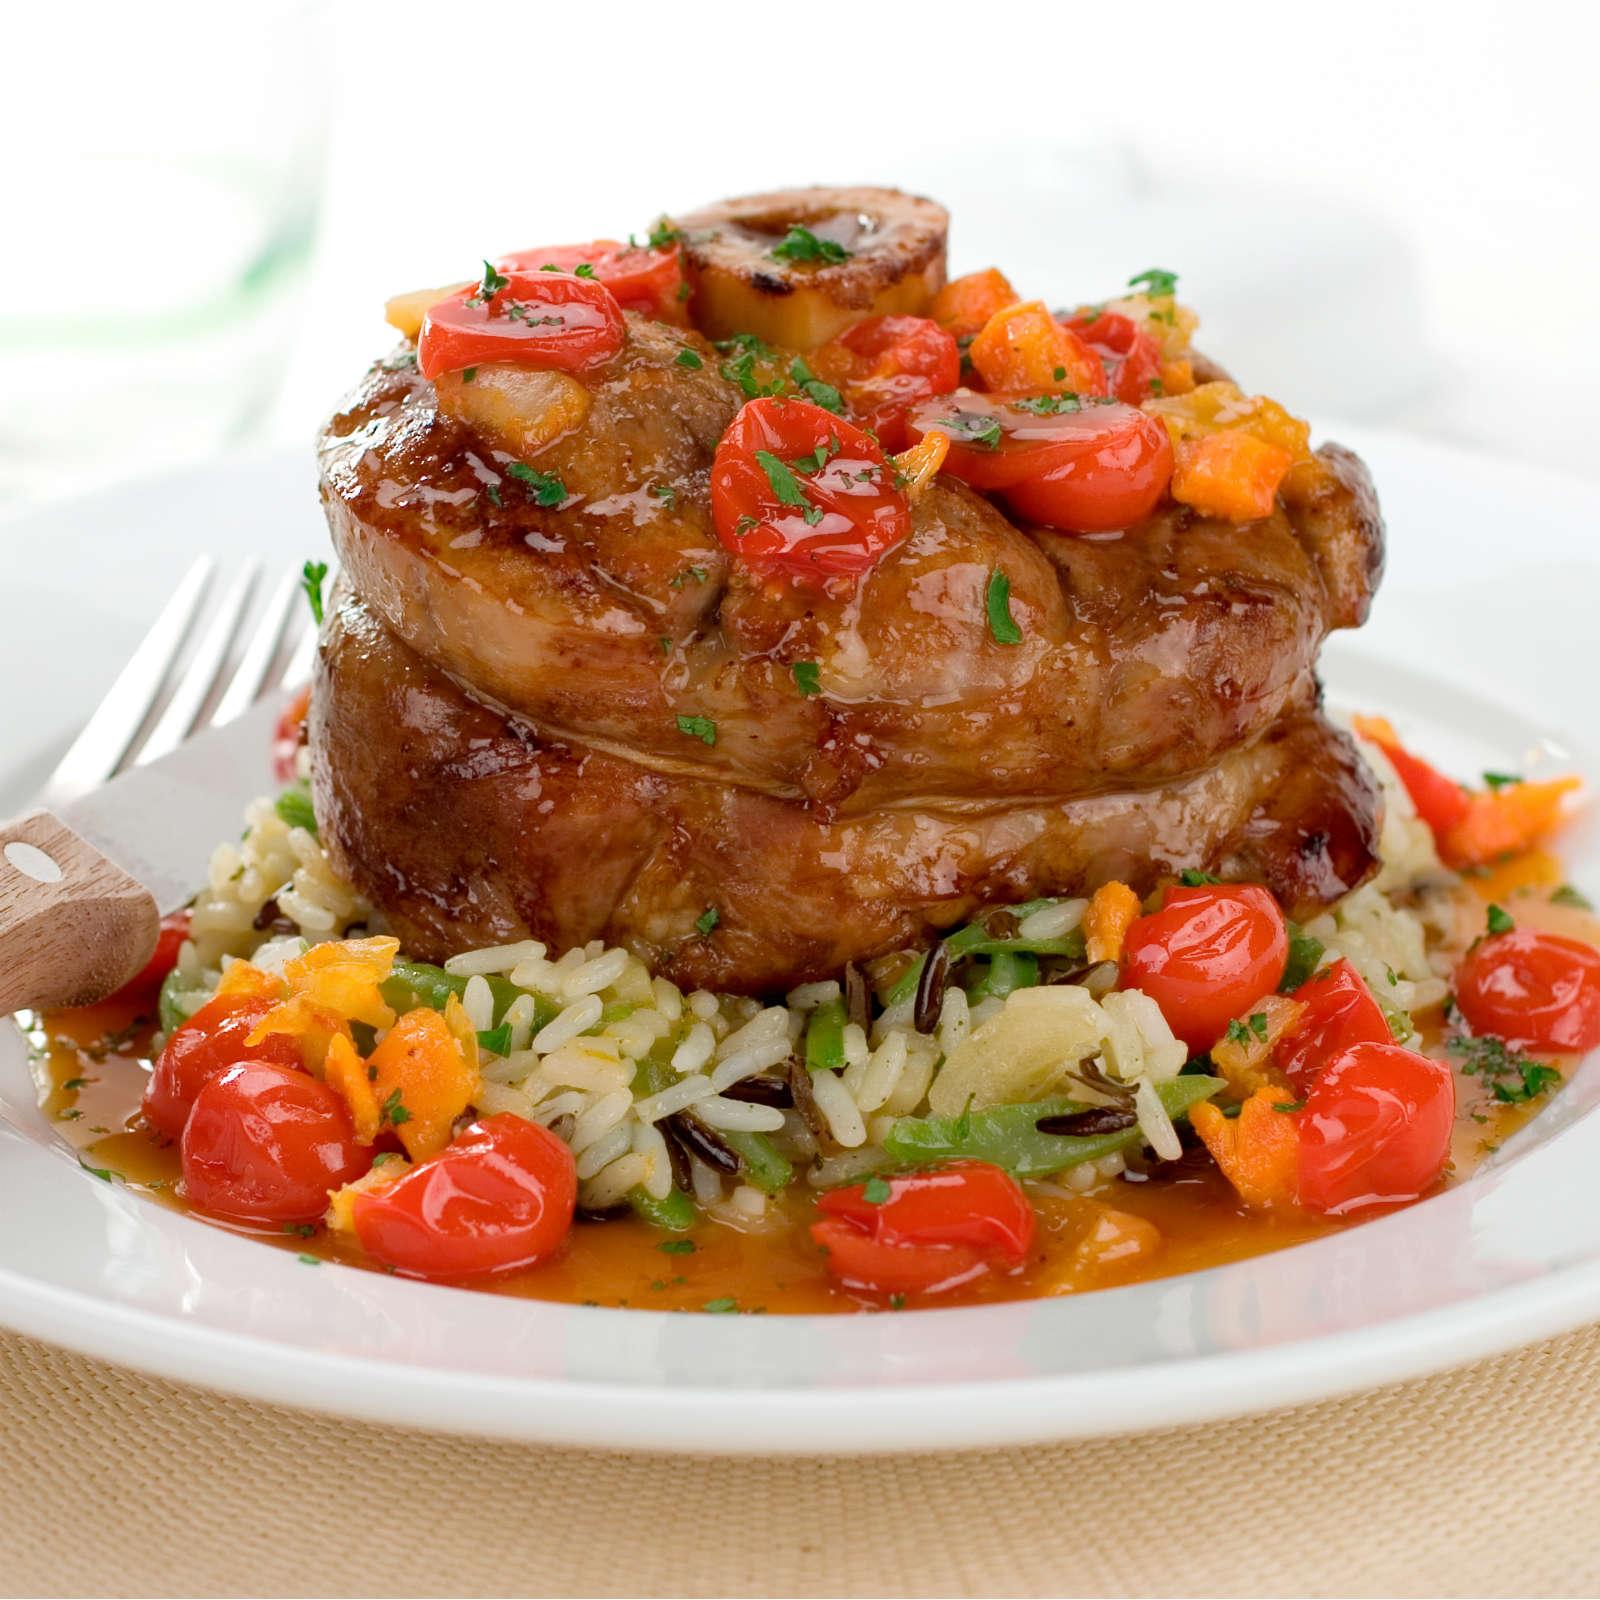 Jarret de veau recettes vid os et dossiers sur jarret de veau cuisine actuelle - Comment cuisiner le jarret de veau ...